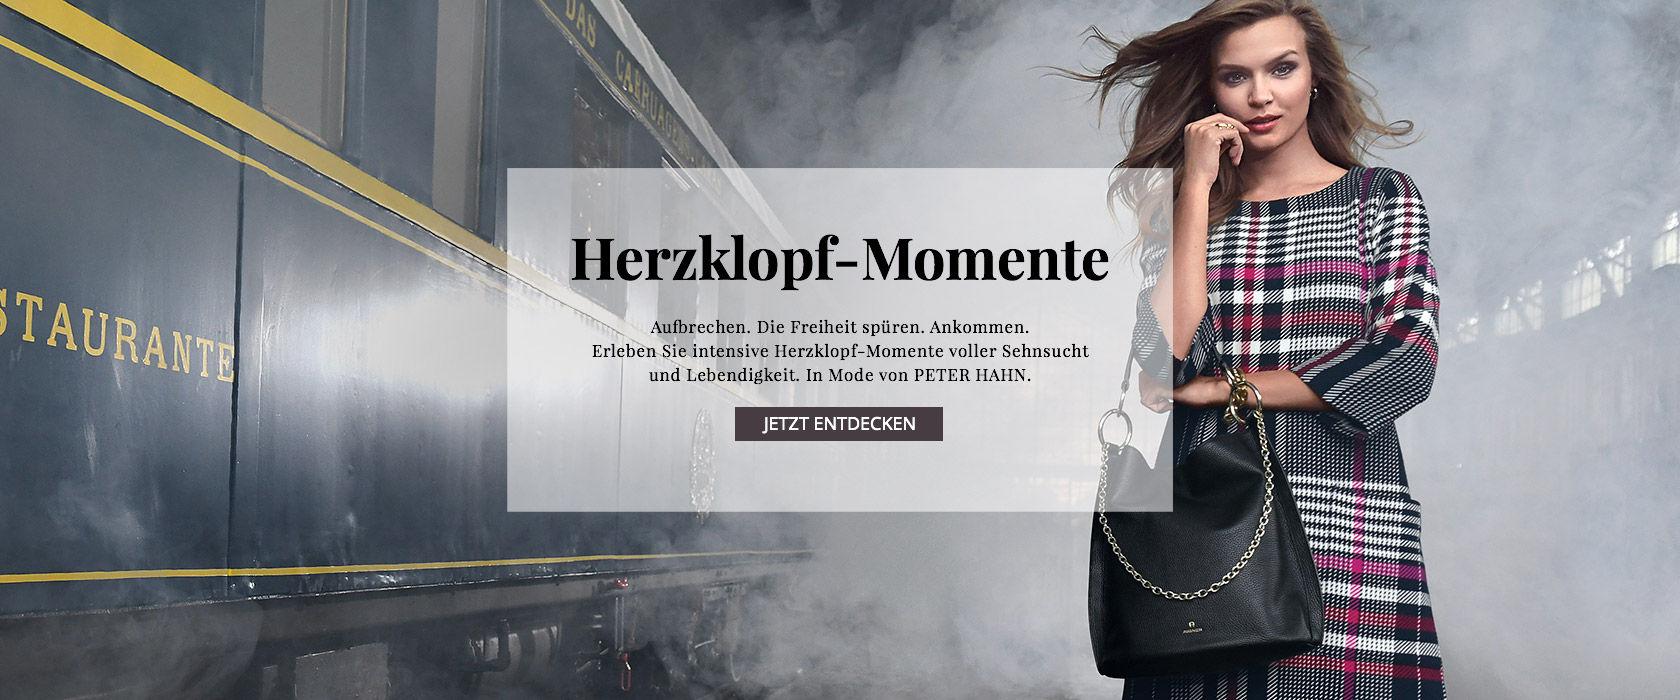 TV Spot Herzklopfen